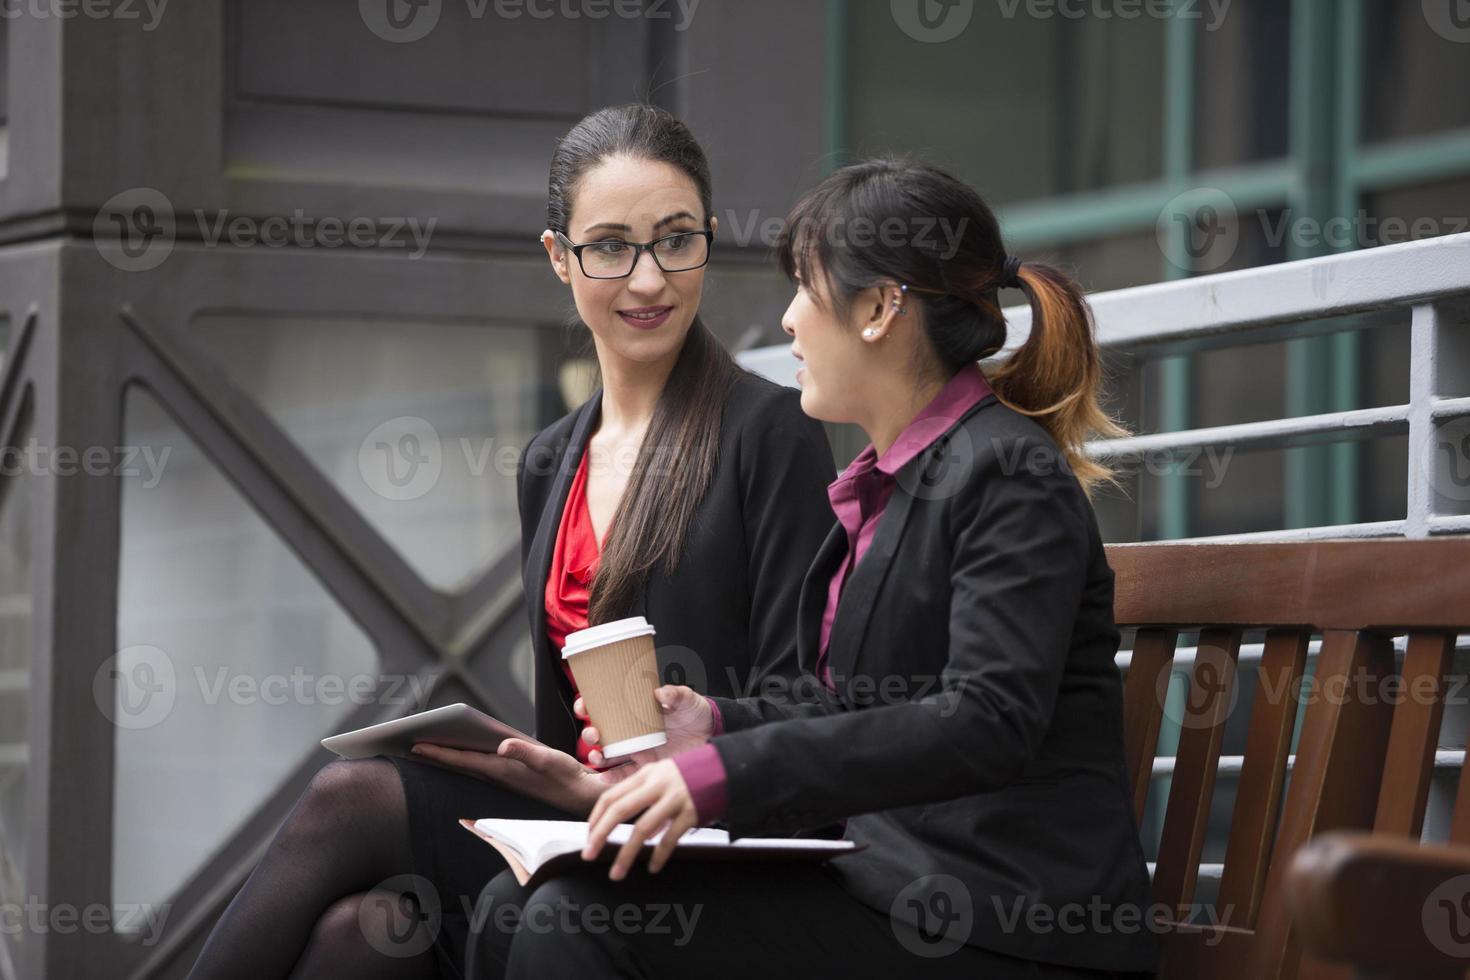 zwei Geschäftsfrauen mit digitalem Tablet in einer modernen städtischen Umgebung. foto